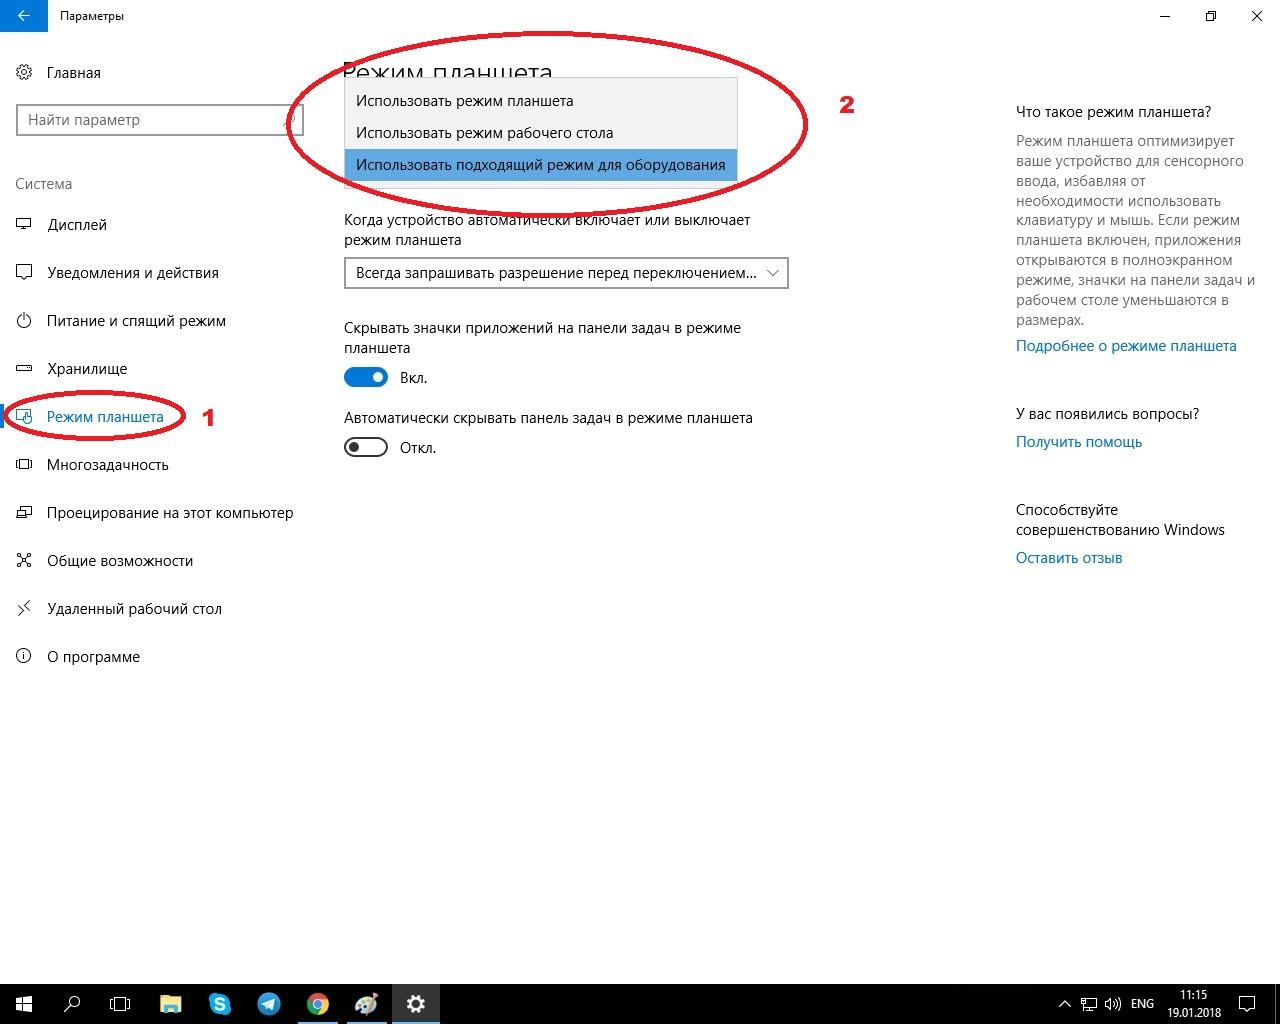 Установка режим «планшет» на ноутбук через меню «Пуск»